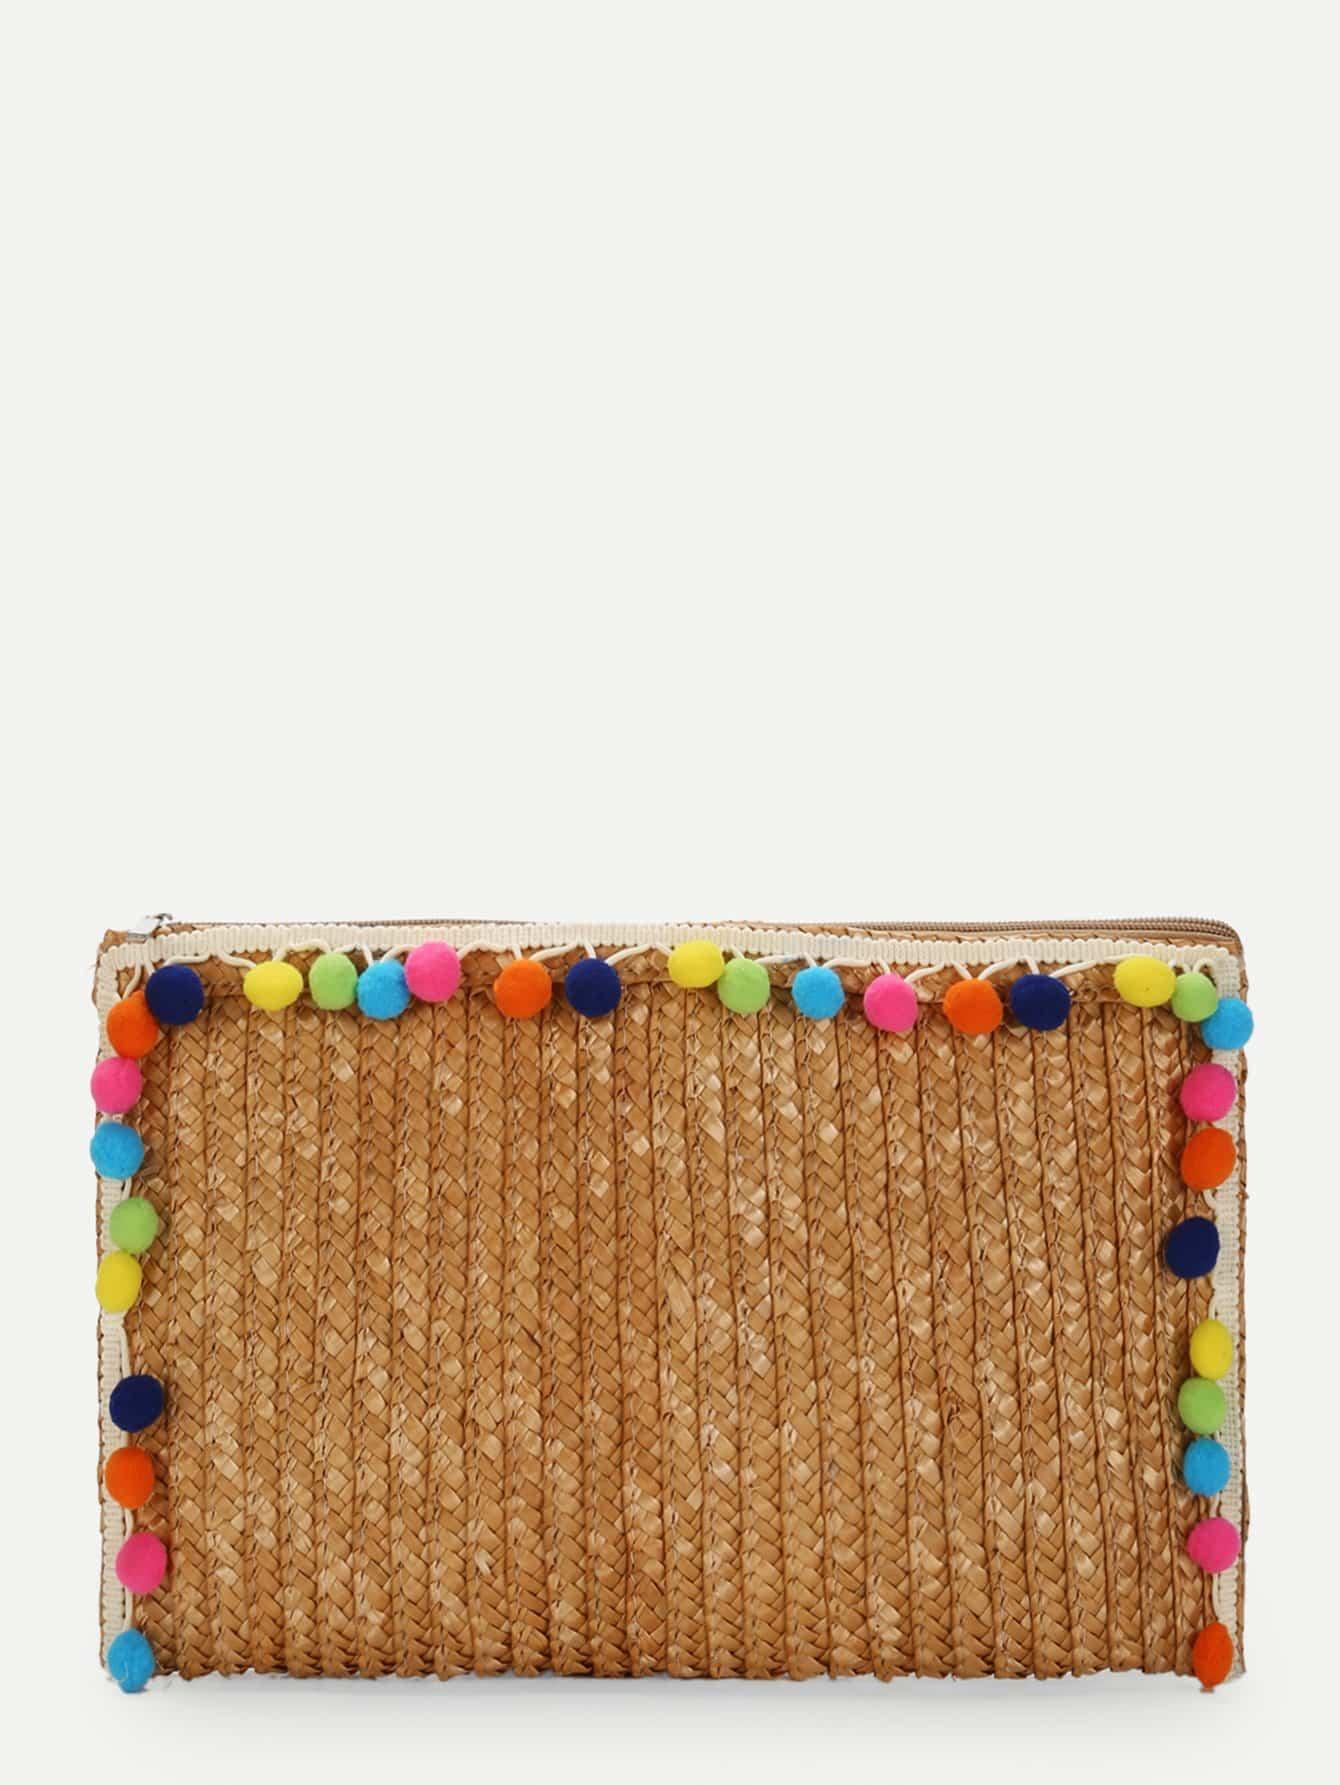 Straw Clutch Bag With Pom Pom straw clutch bag with pom pom